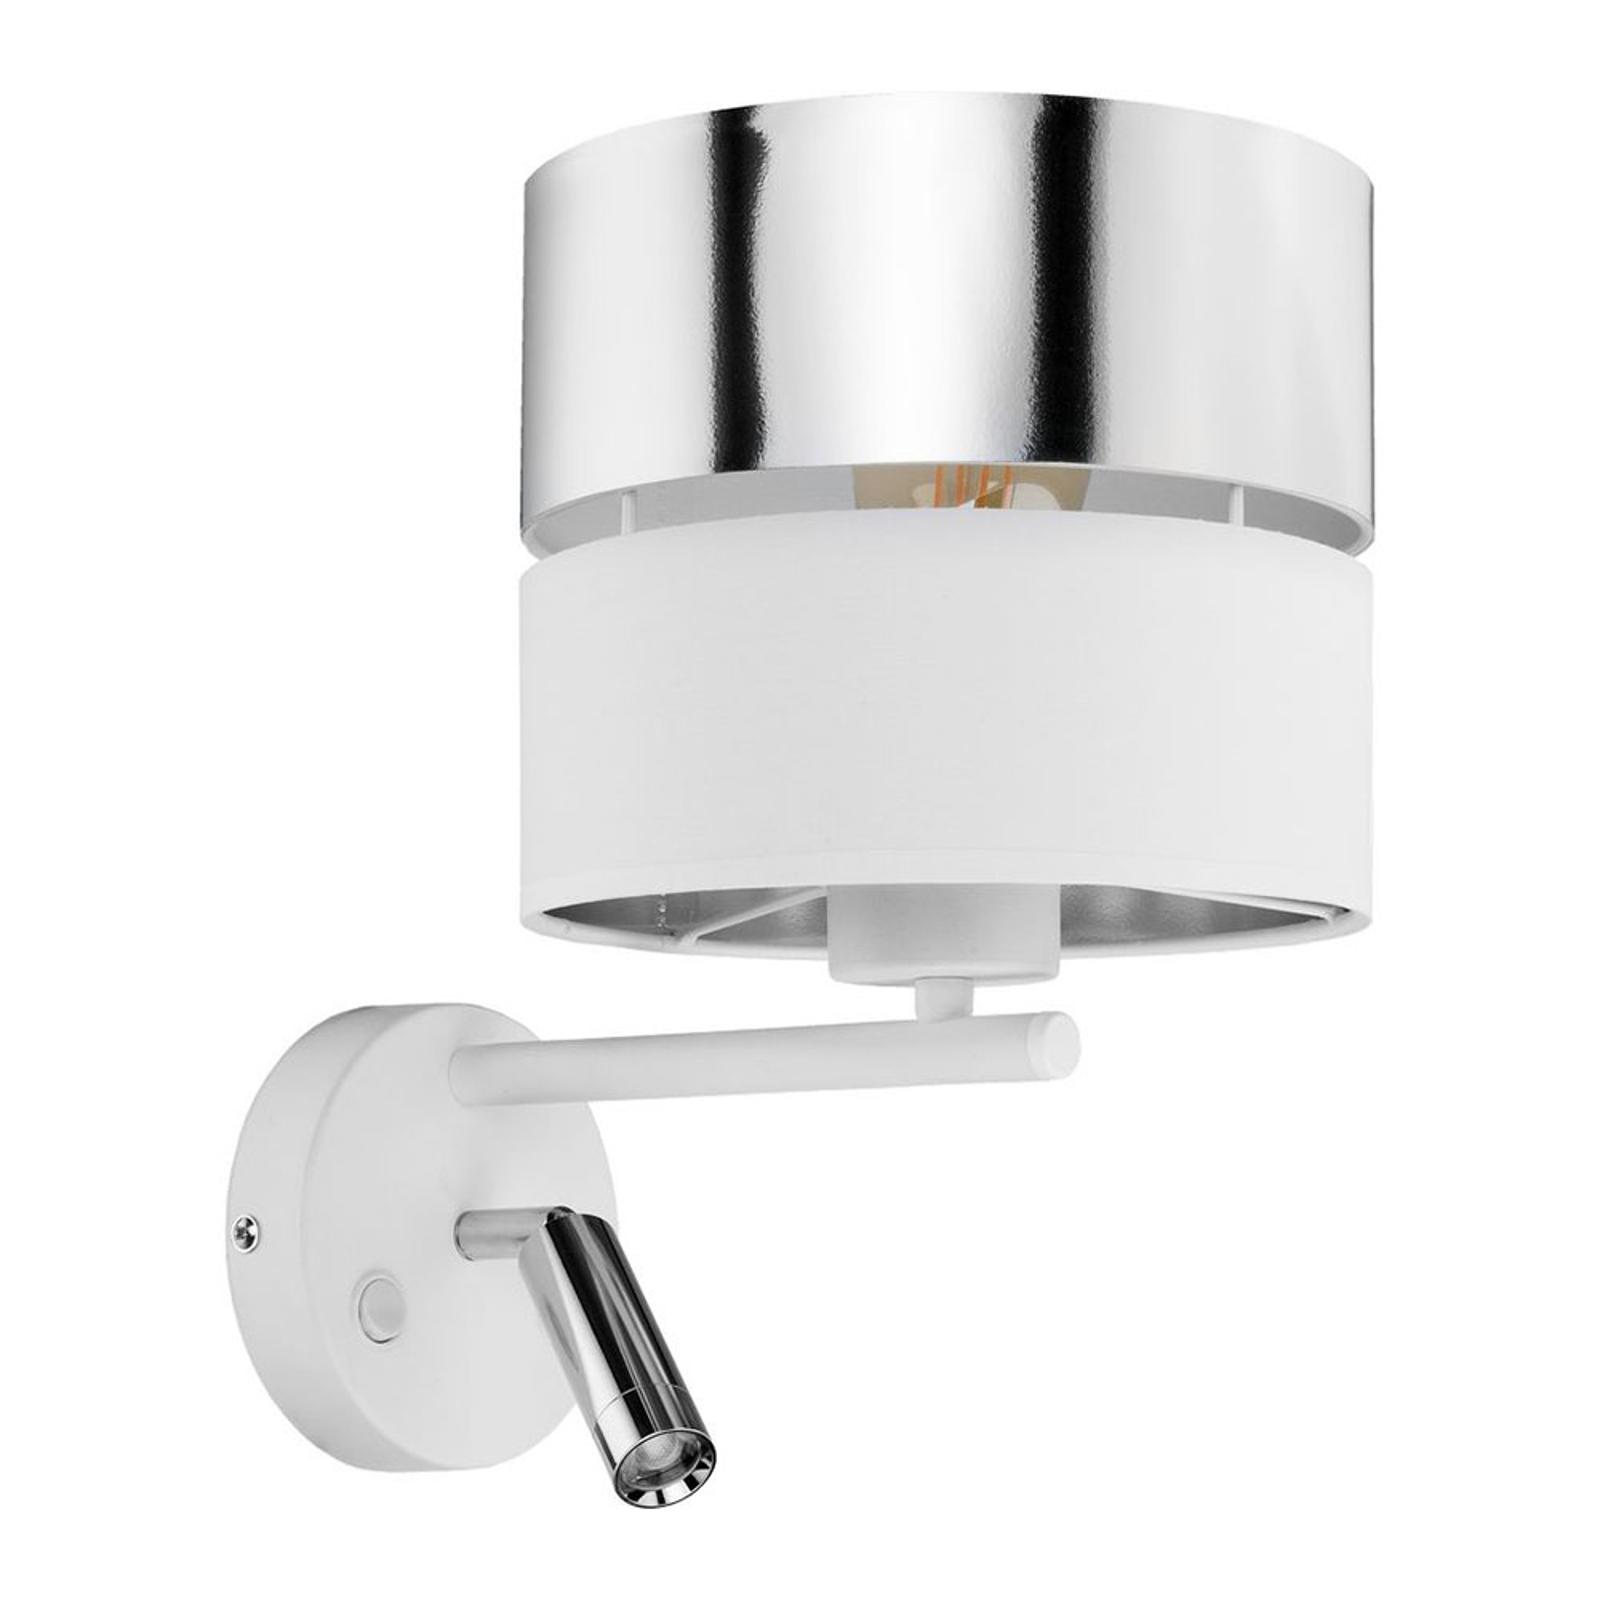 Hilton vegglampe hvit/sølv med LED-leselampe